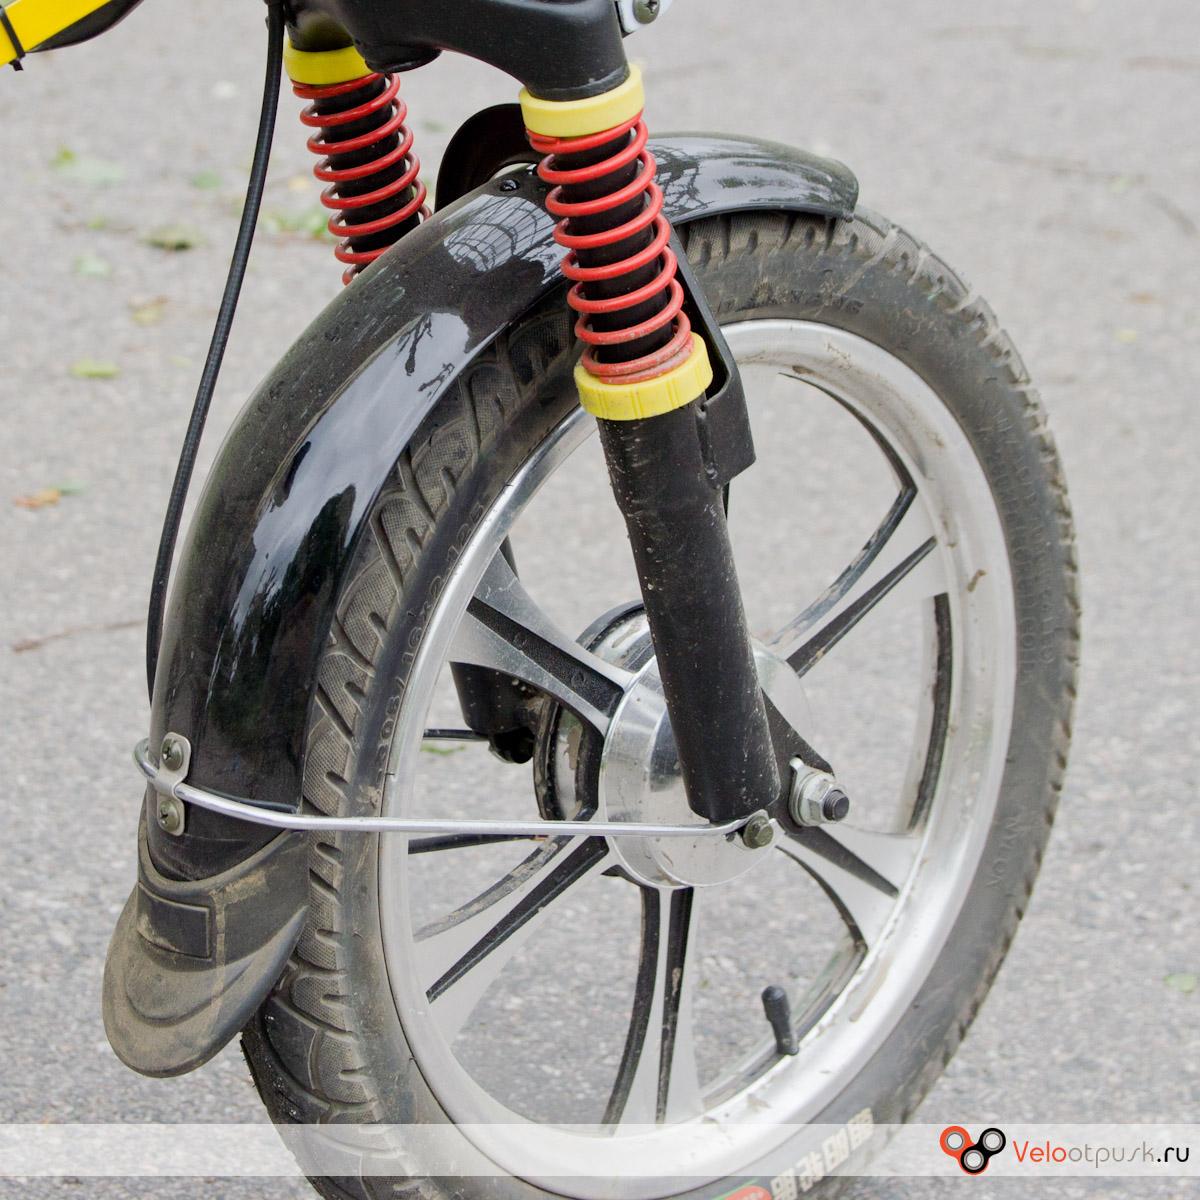 Как установить крылья на велосипед: пошаговая инструкция